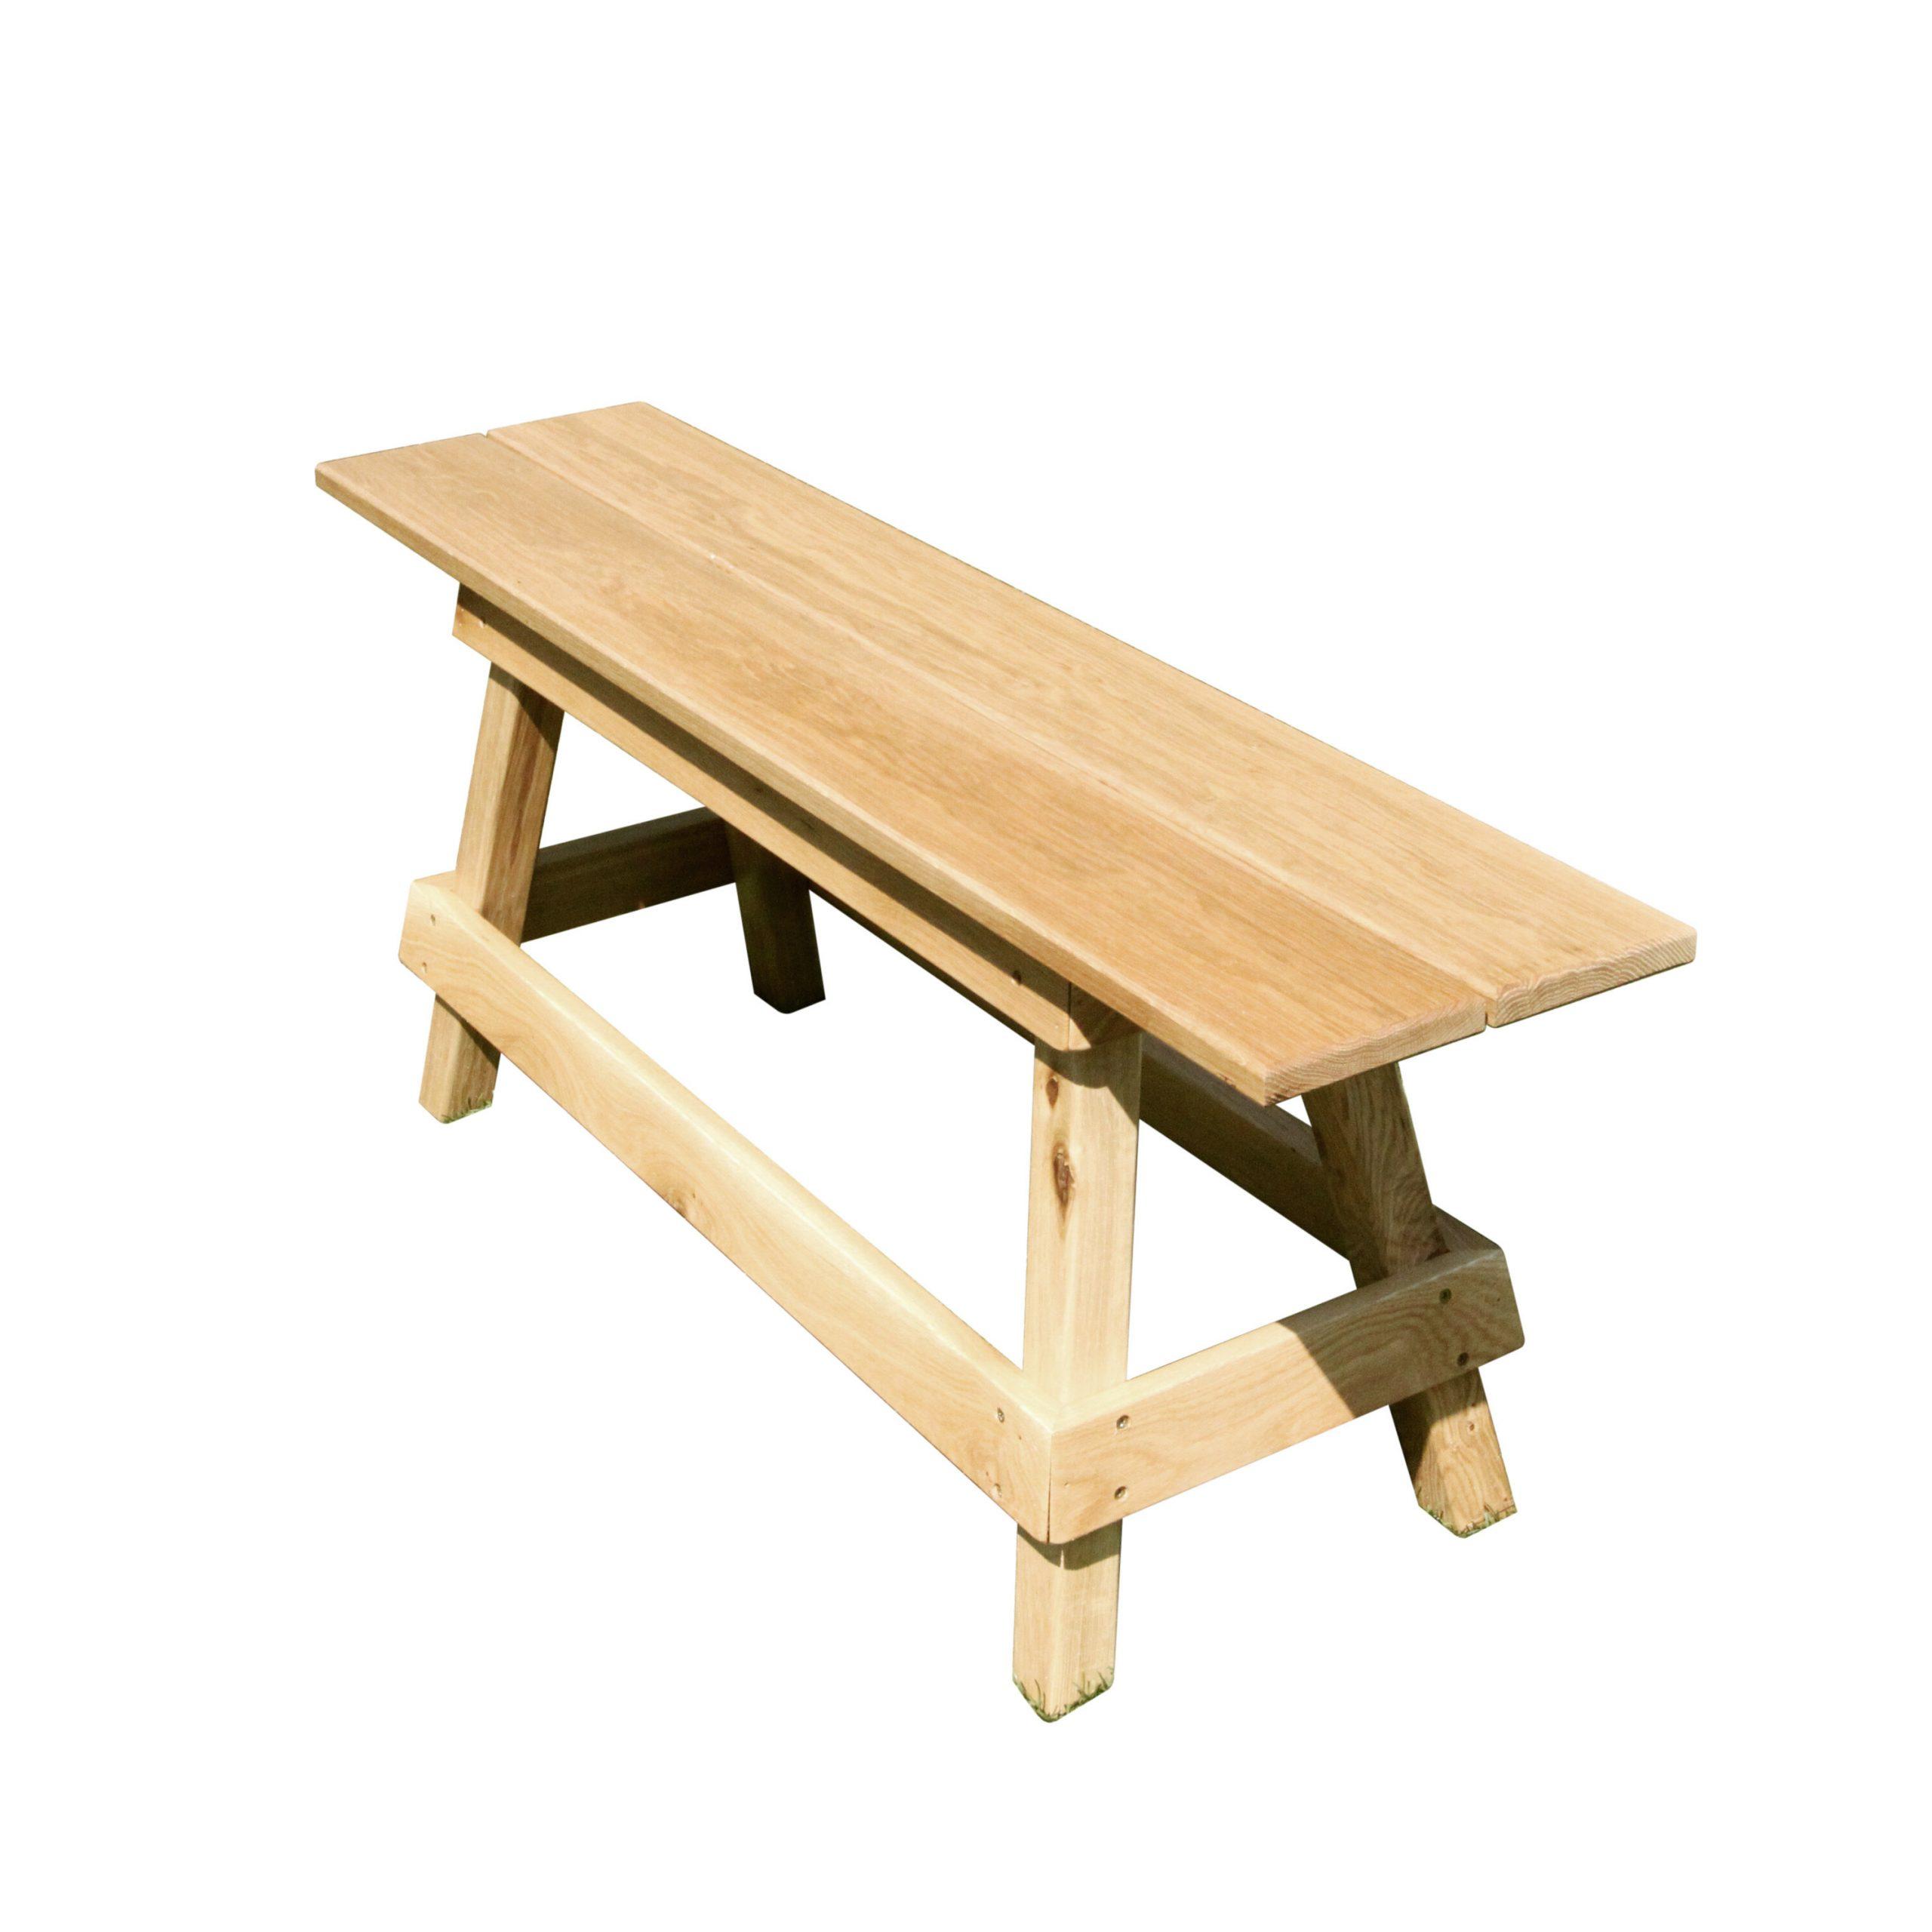 Langsa Wooden Garden Bench In Best And Newest Gabbert Wooden Garden Benches (View 26 of 30)